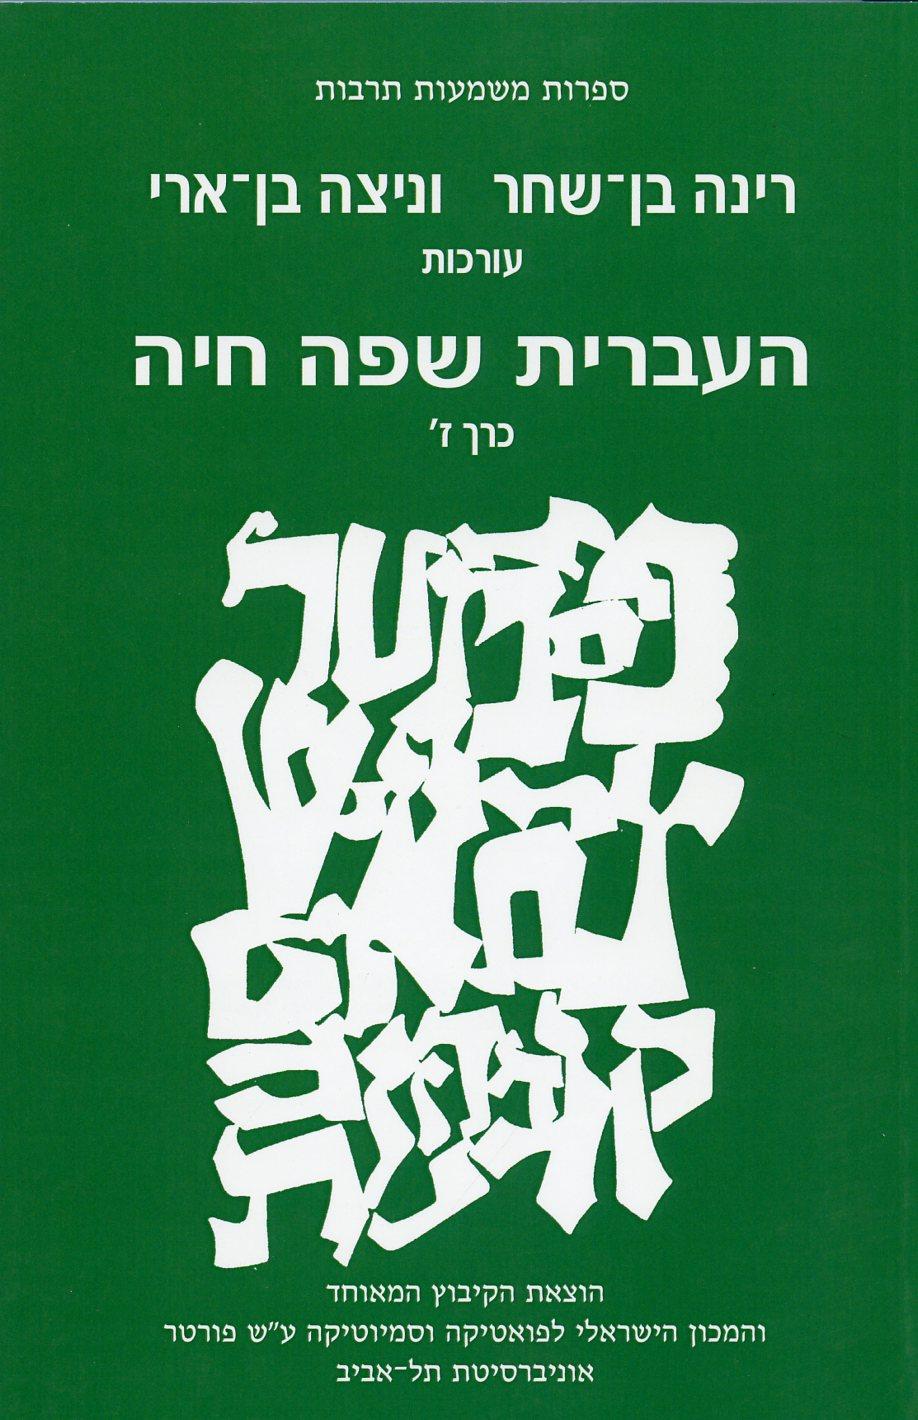 העברית שפה חיה כרך ז&rsquo,